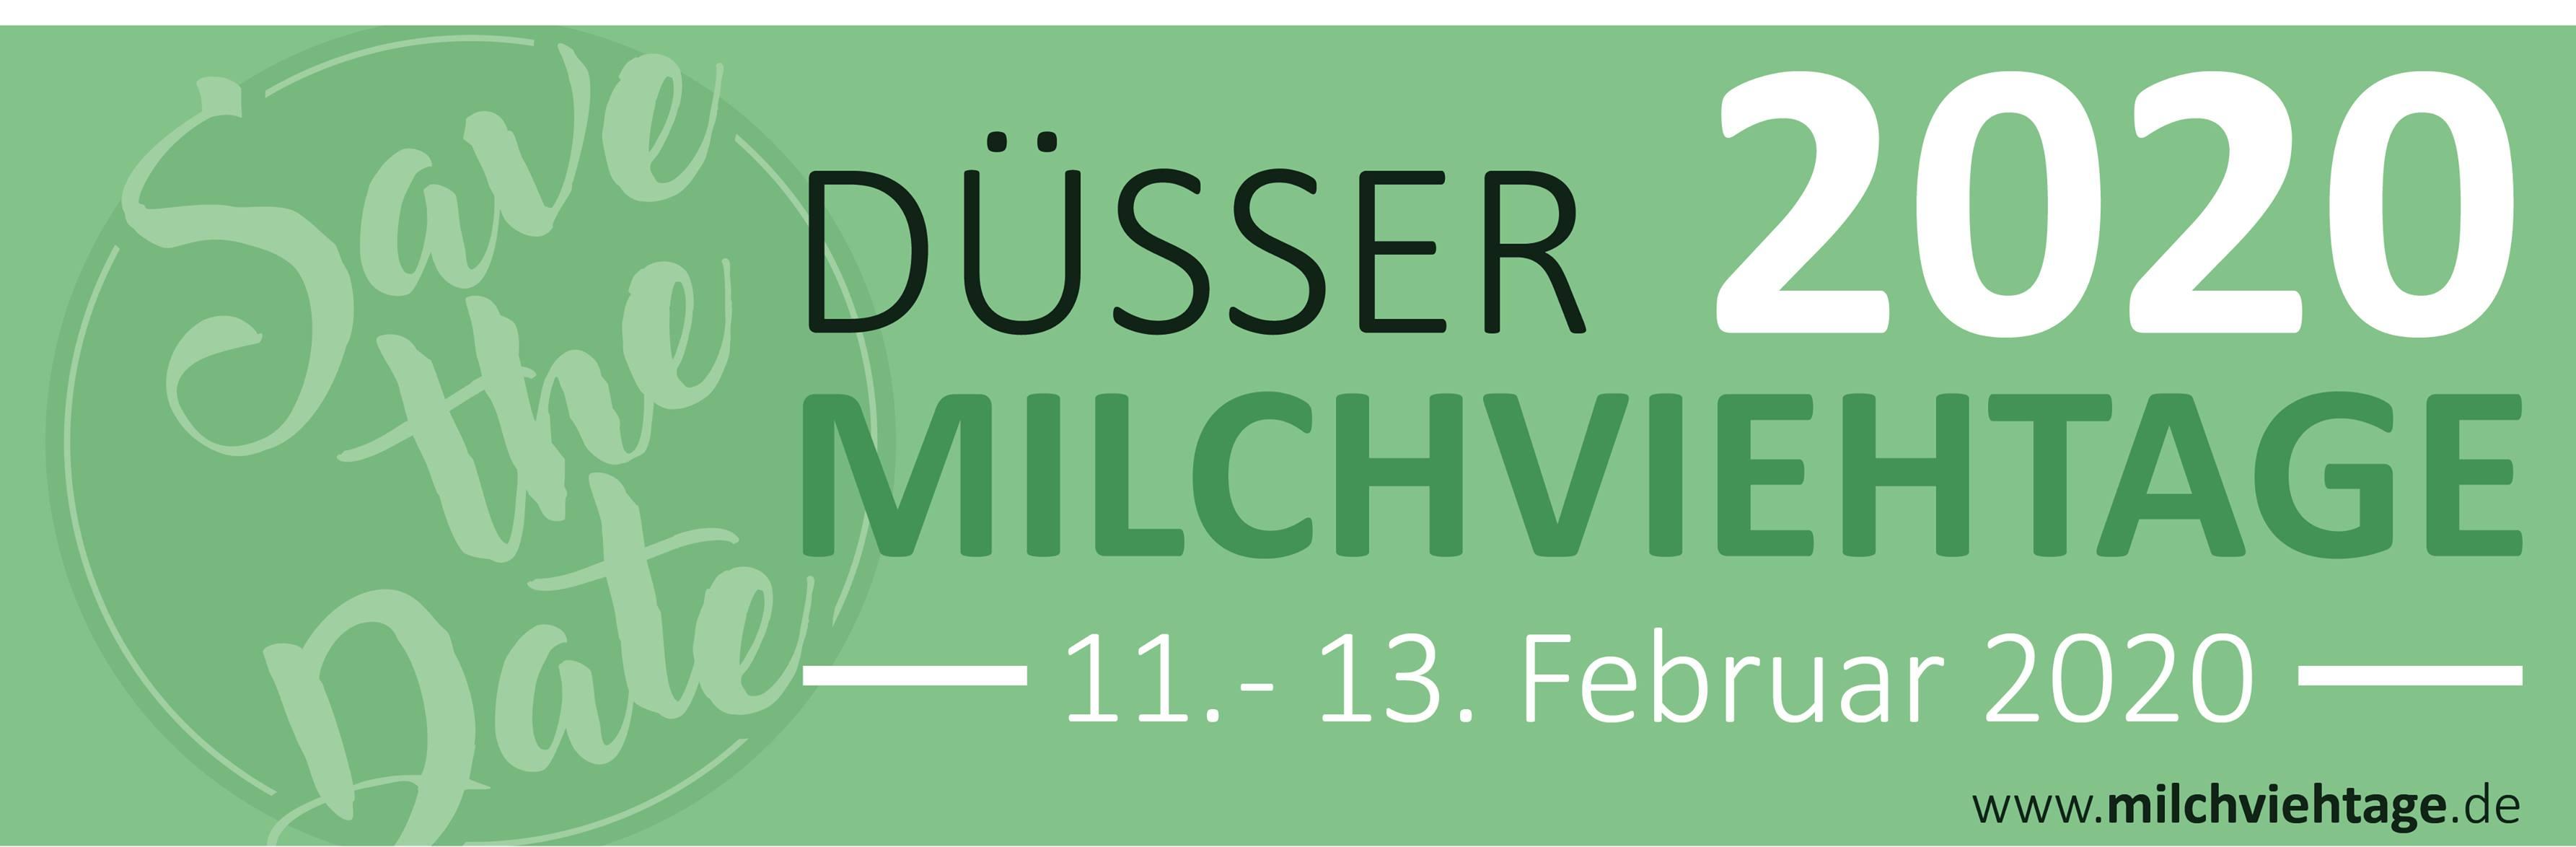 Düsser Milchviehtage 2020